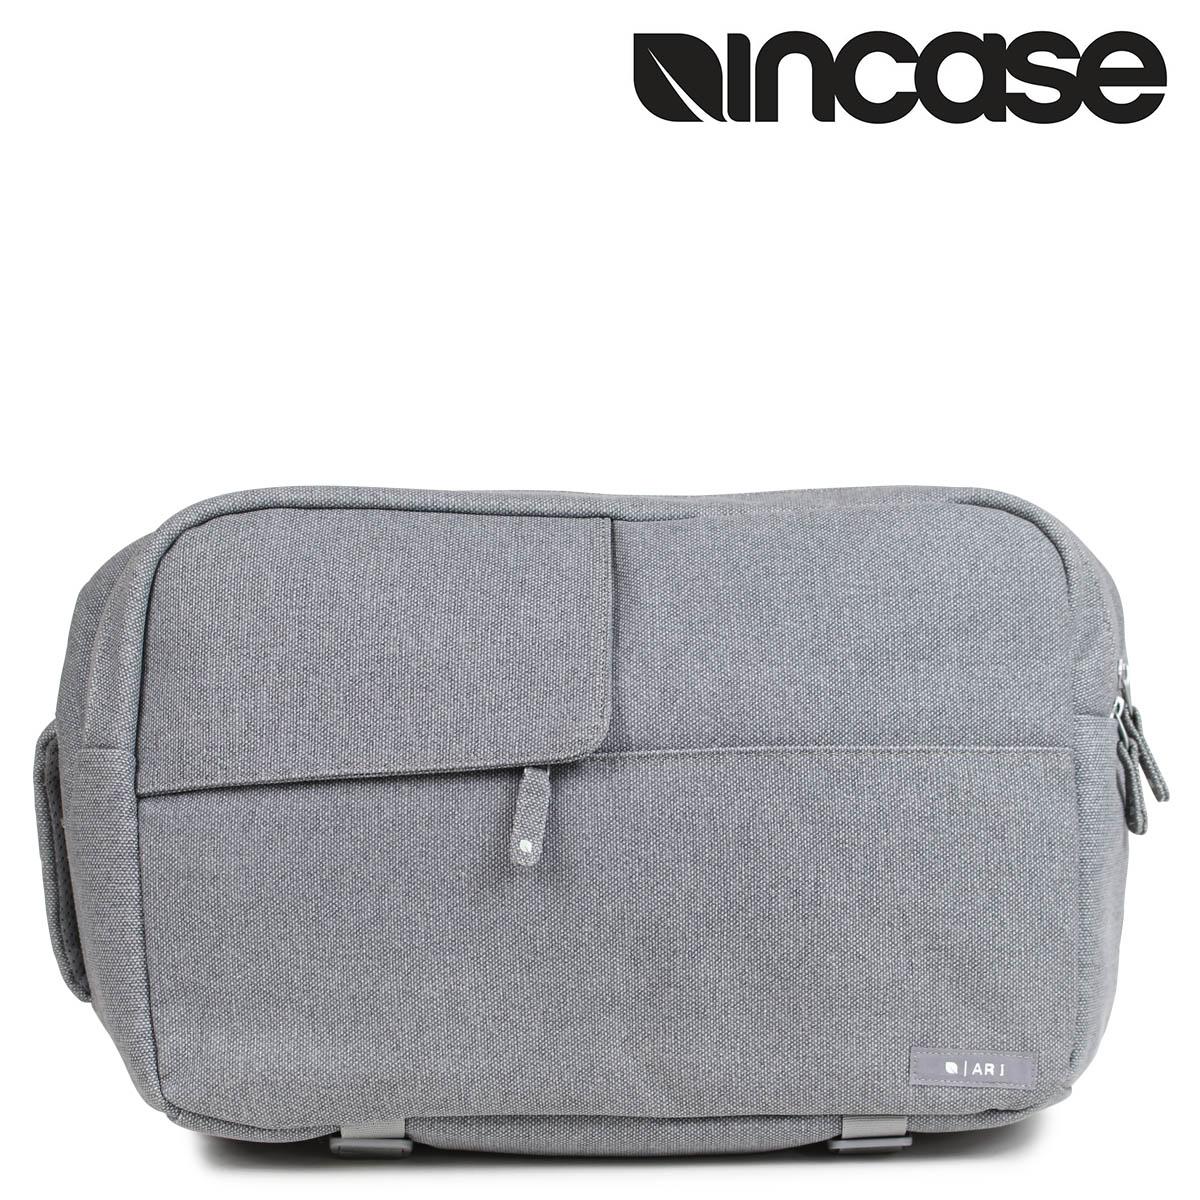 インケース INCASE カメラバッグ グレー ARI MARCOPOULOS CAMERA BAG CL58033 メンズ レディース